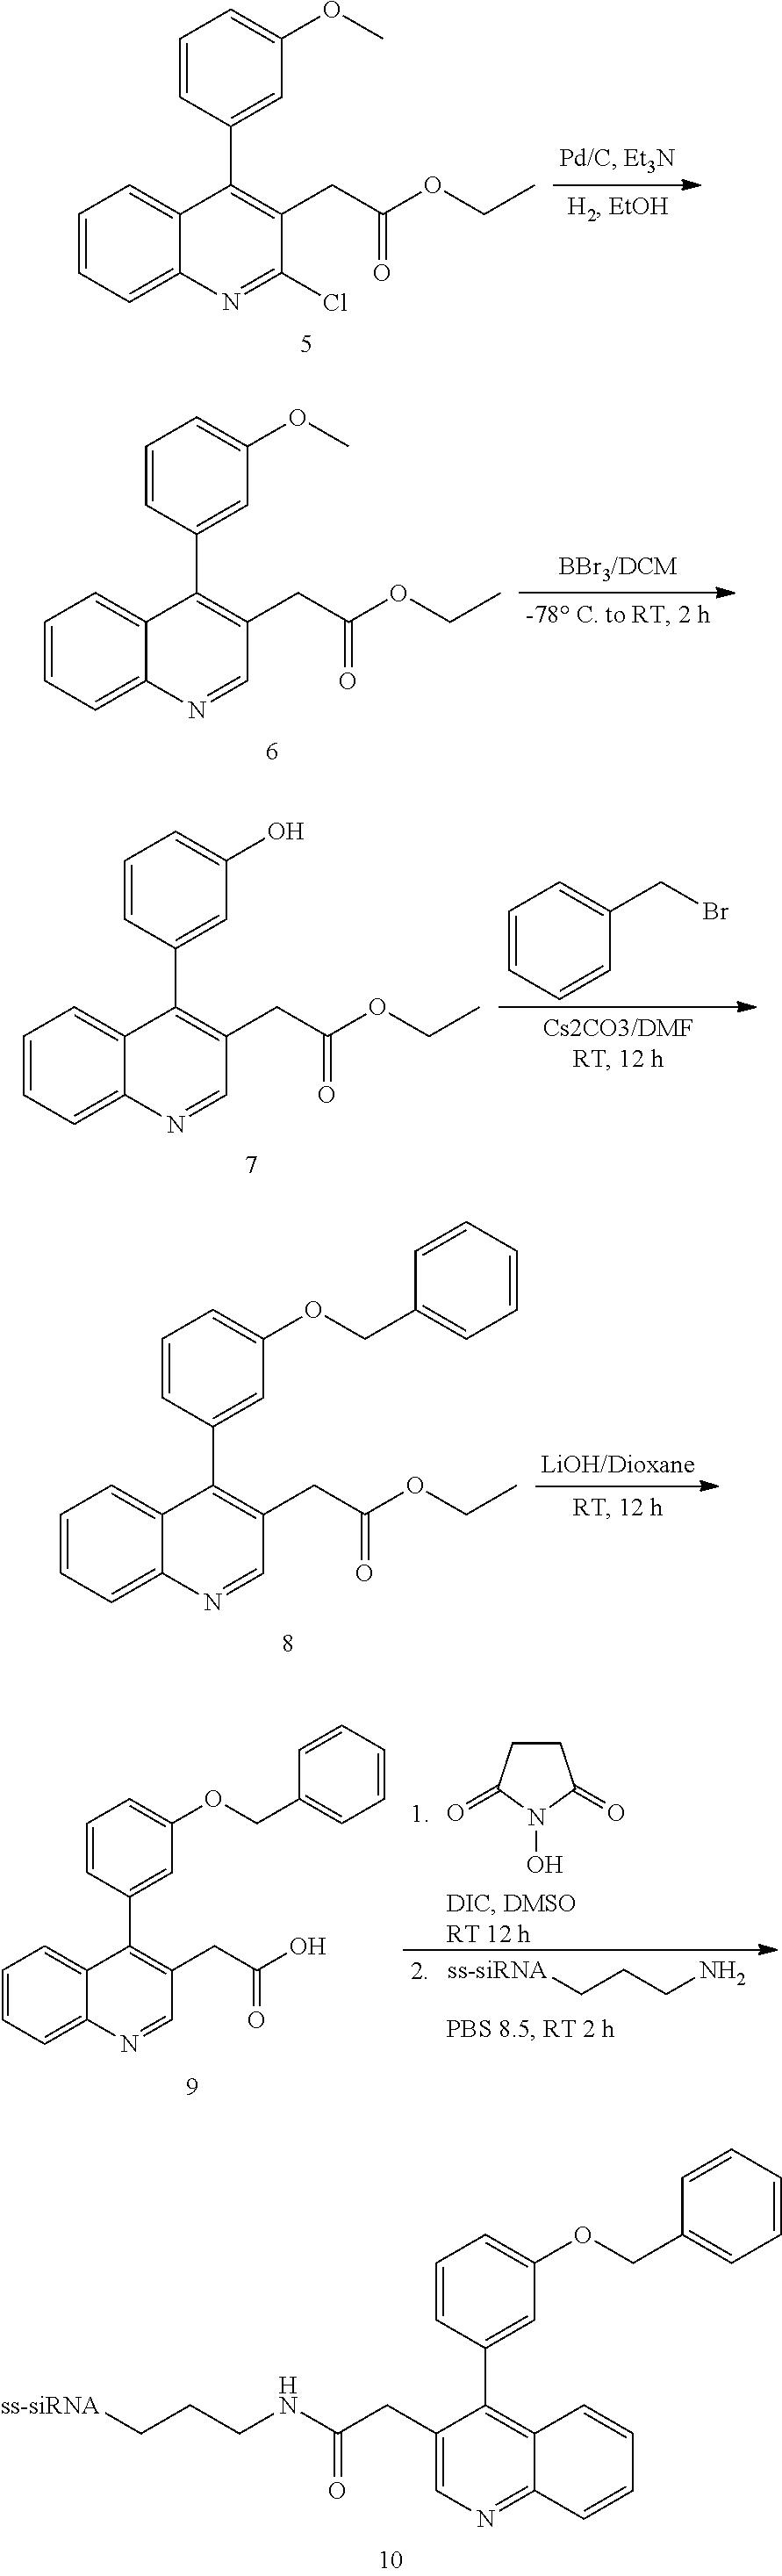 Figure US09988627-20180605-C00414